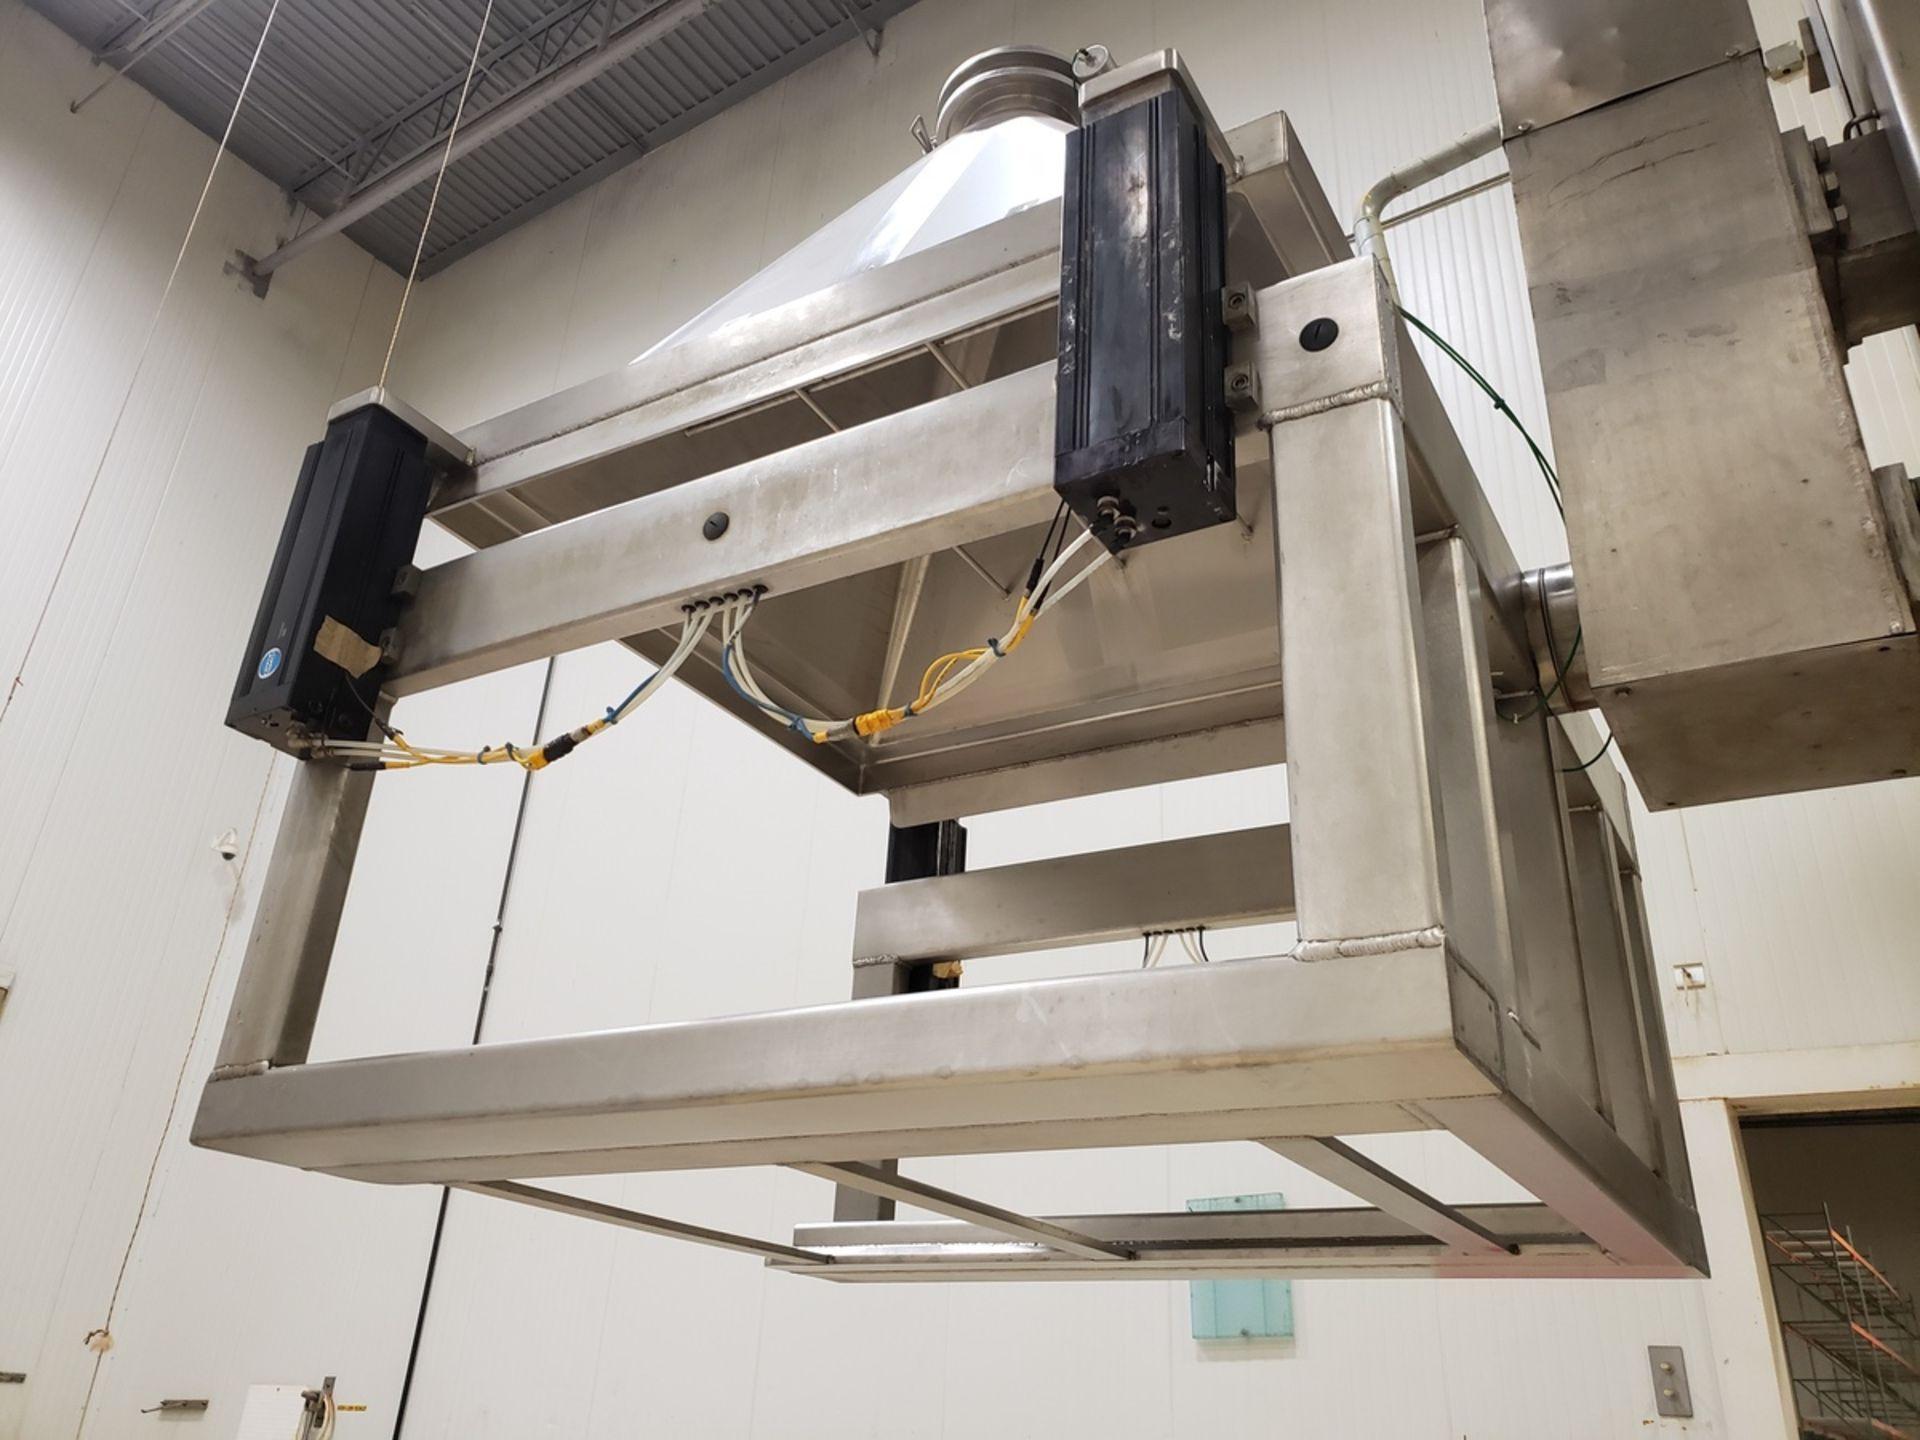 Lot 9 - Meto 2,000 lb. Rotating Trough Lift/Dump Tower, M# M5444-42, S/N 7613, Al - Loc: NJ | Rig Fee: $2500